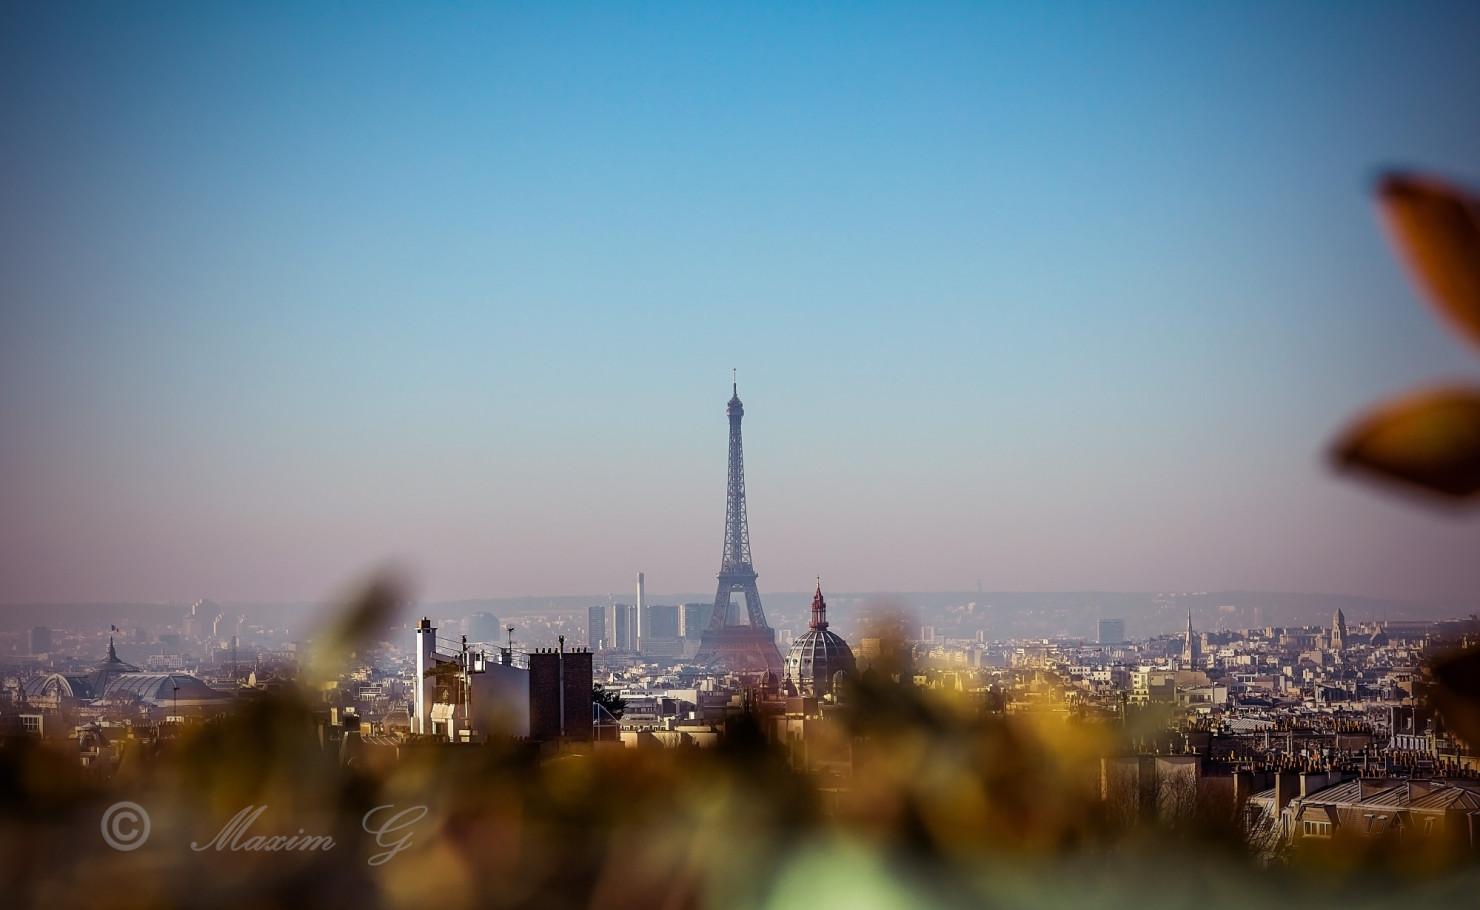 Eiffeltower  la Tour Eiffel  Paris France